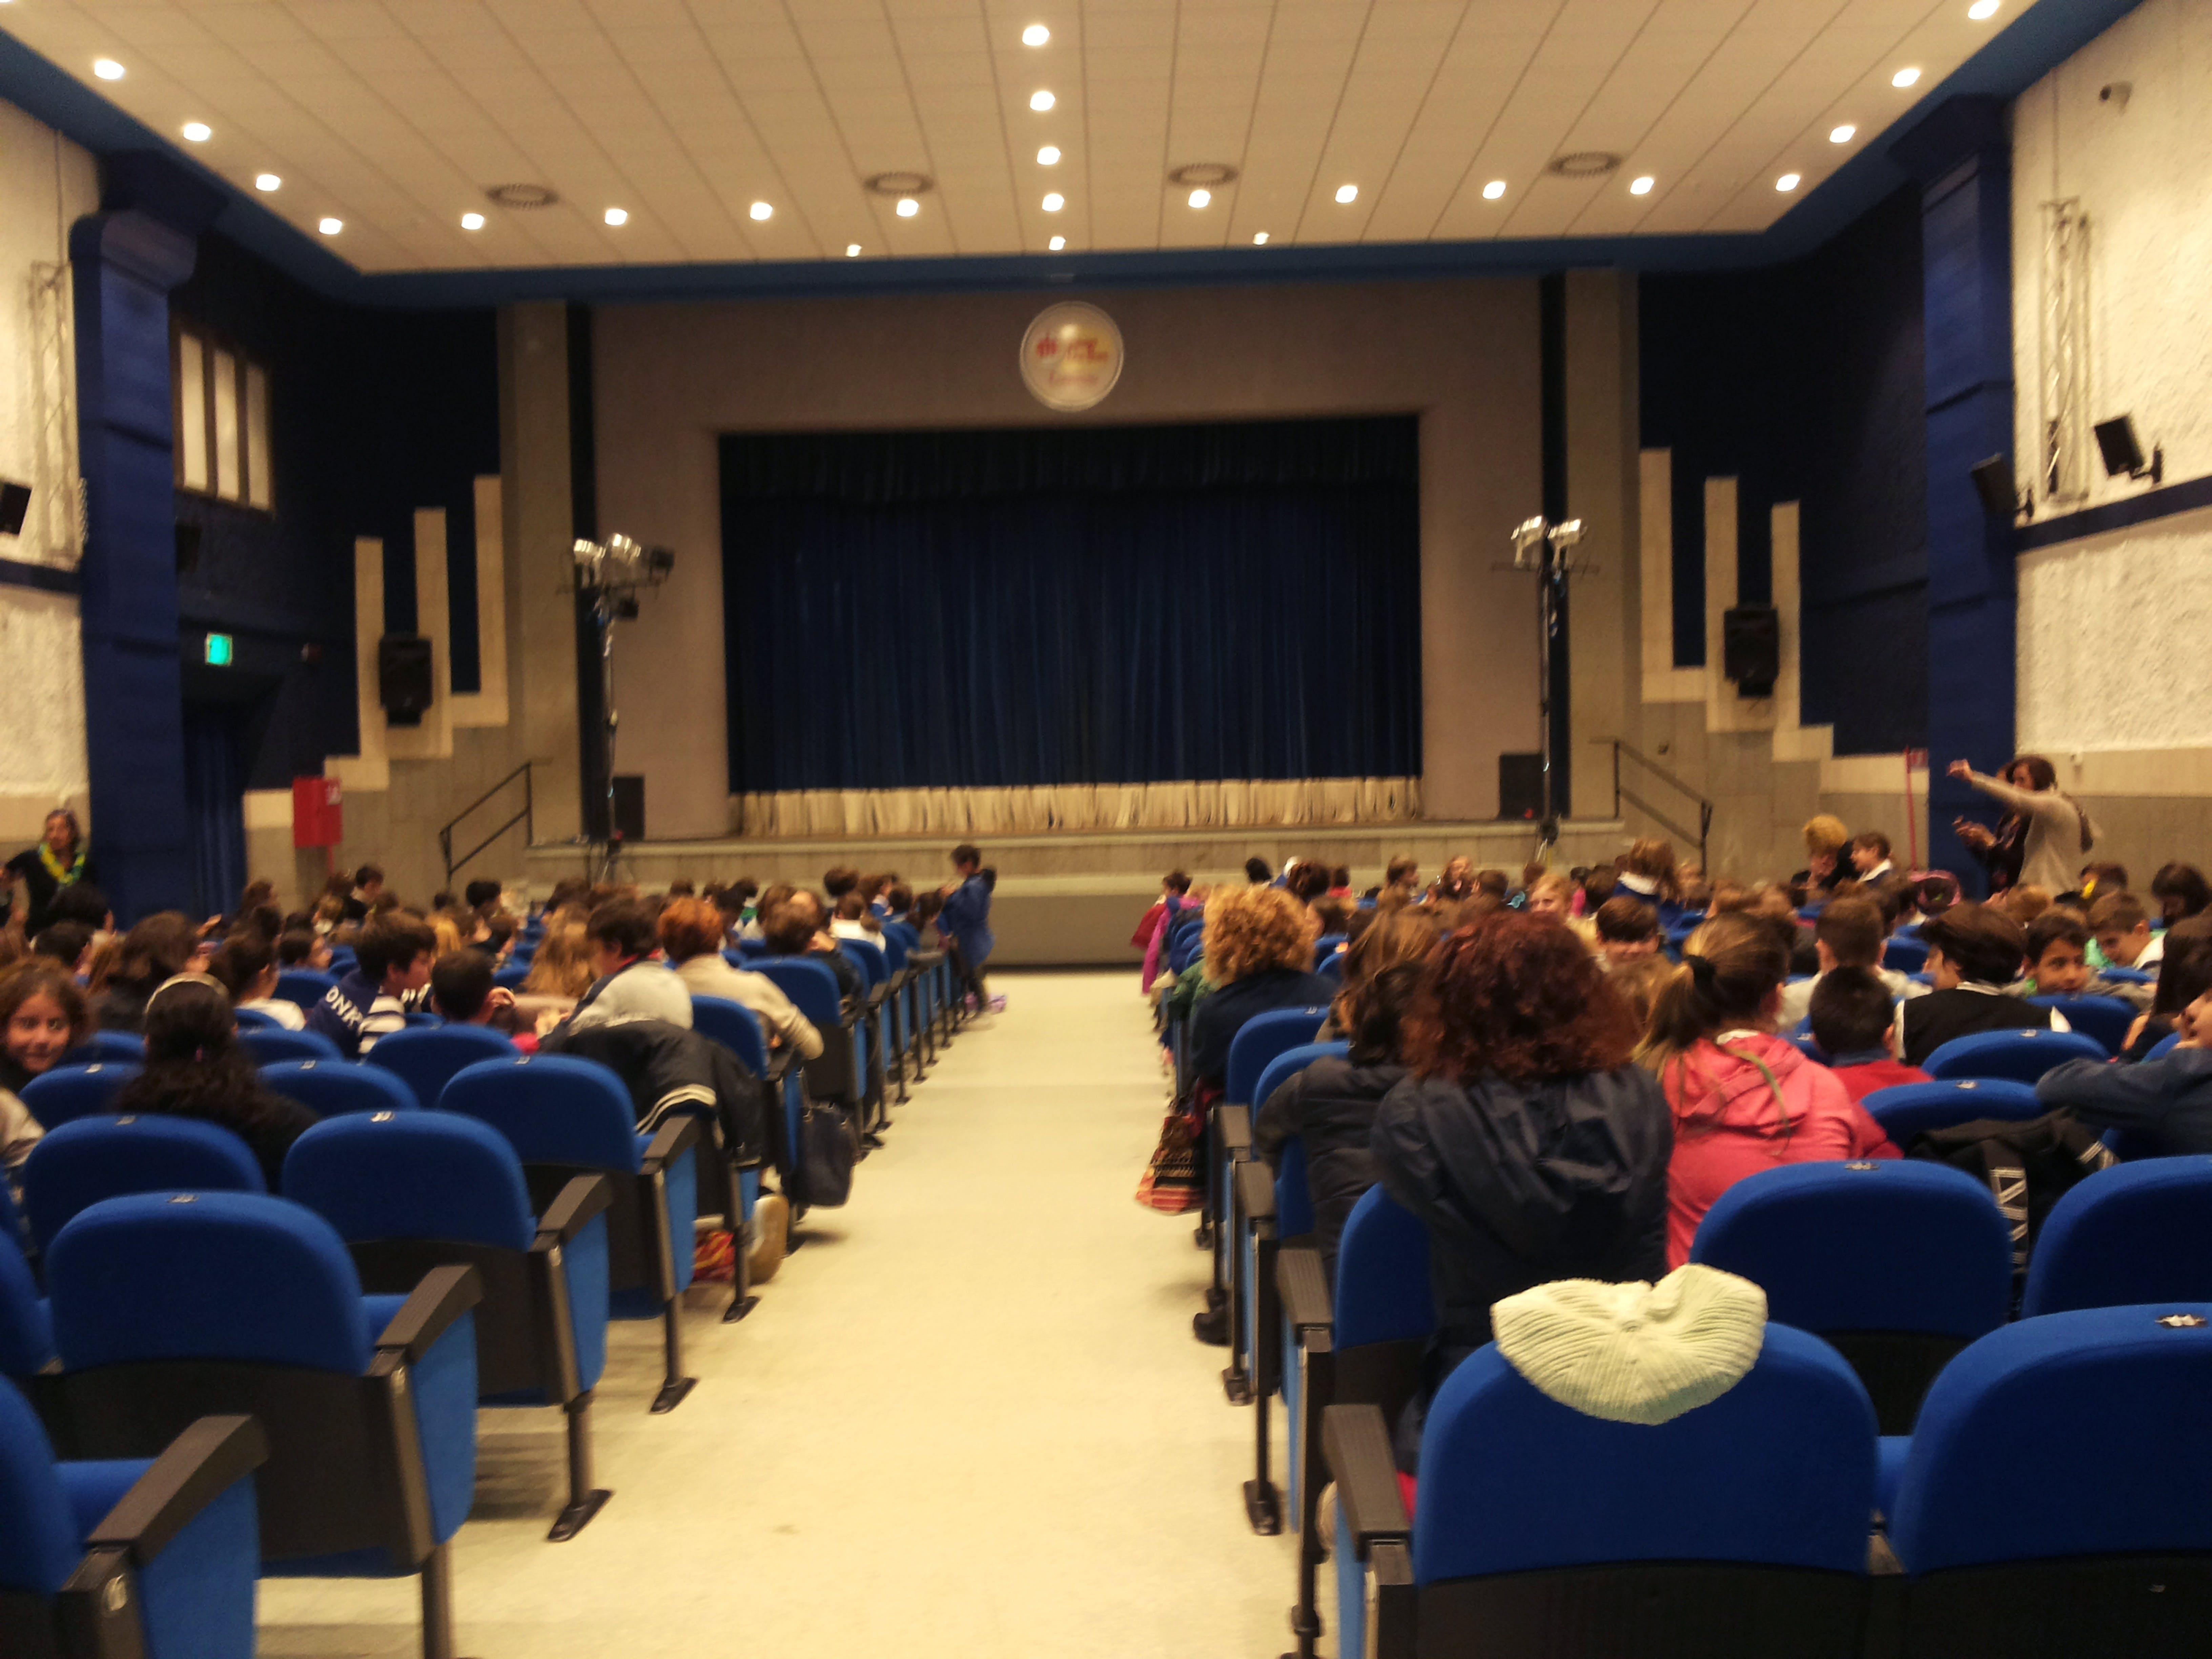 Teatro stabile di Grosseto